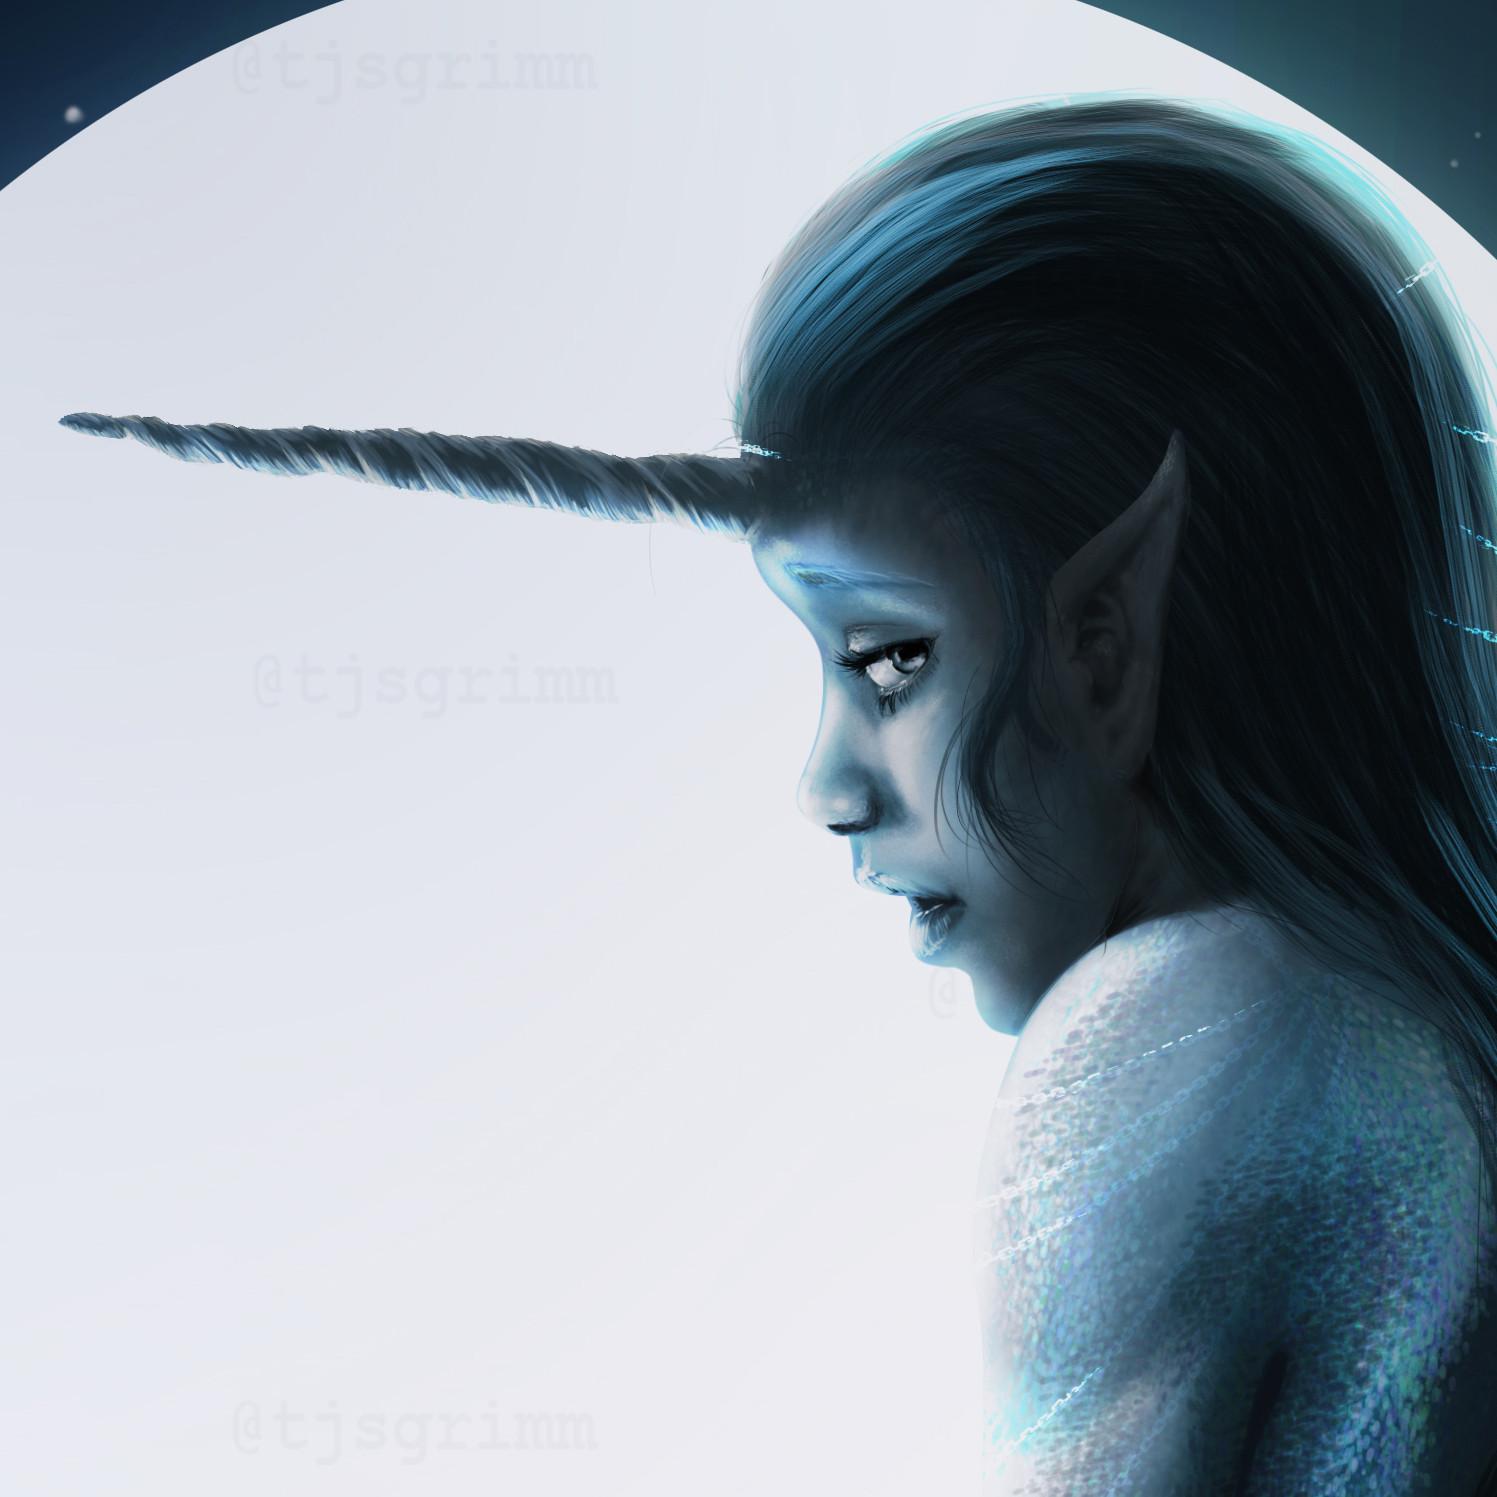 Teri grimm moonlit siren2